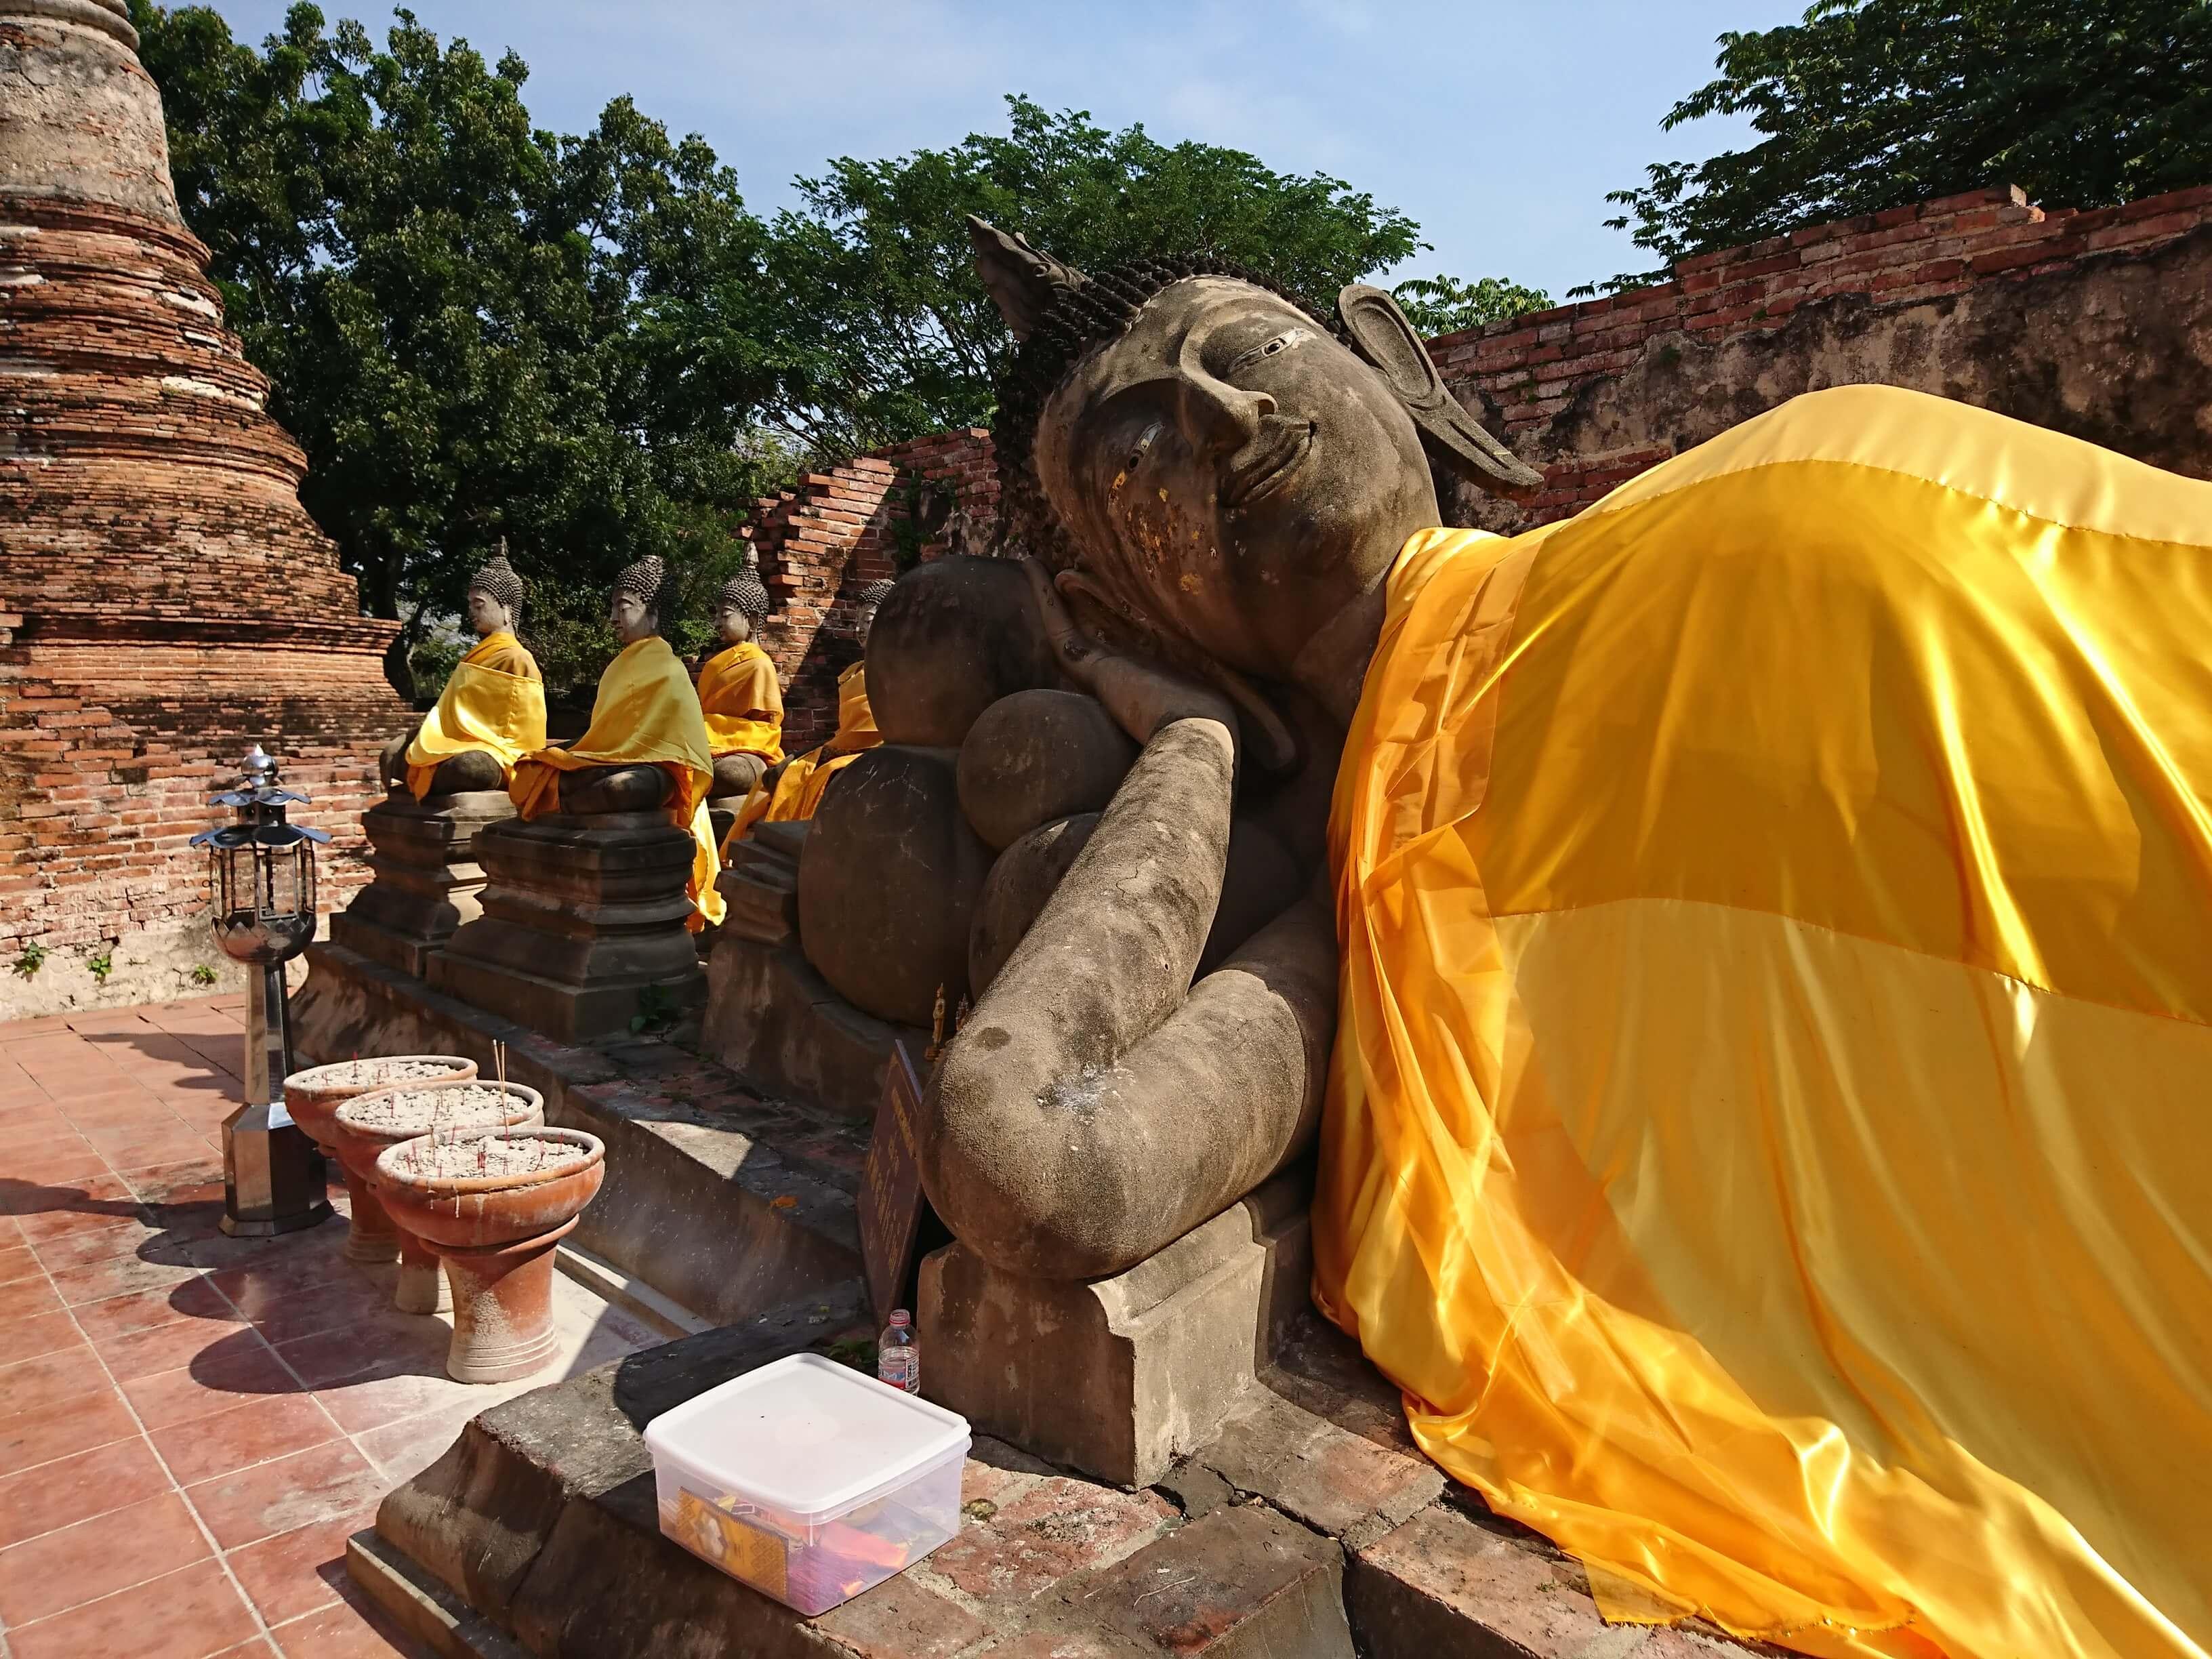 ワットプッタイサワン(Wat Phutthaisawan)/ アユタヤ王朝最初の宮殿だった仏教寺院